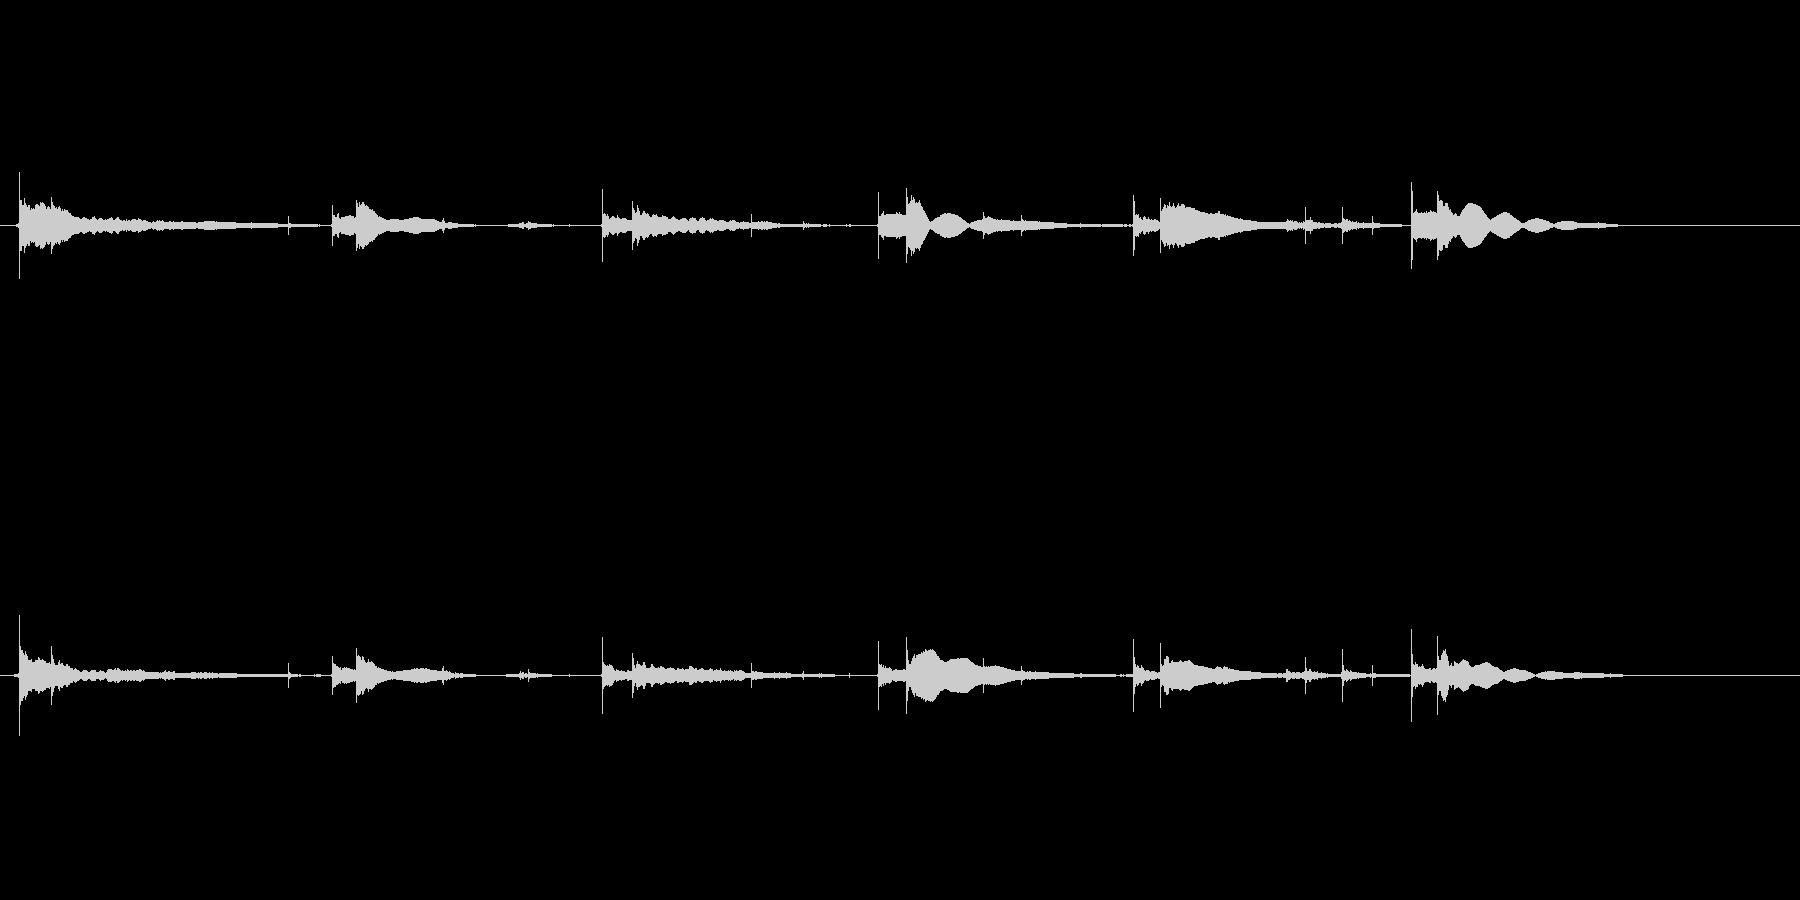 生音エレキギター65弦チューニングエコーの未再生の波形